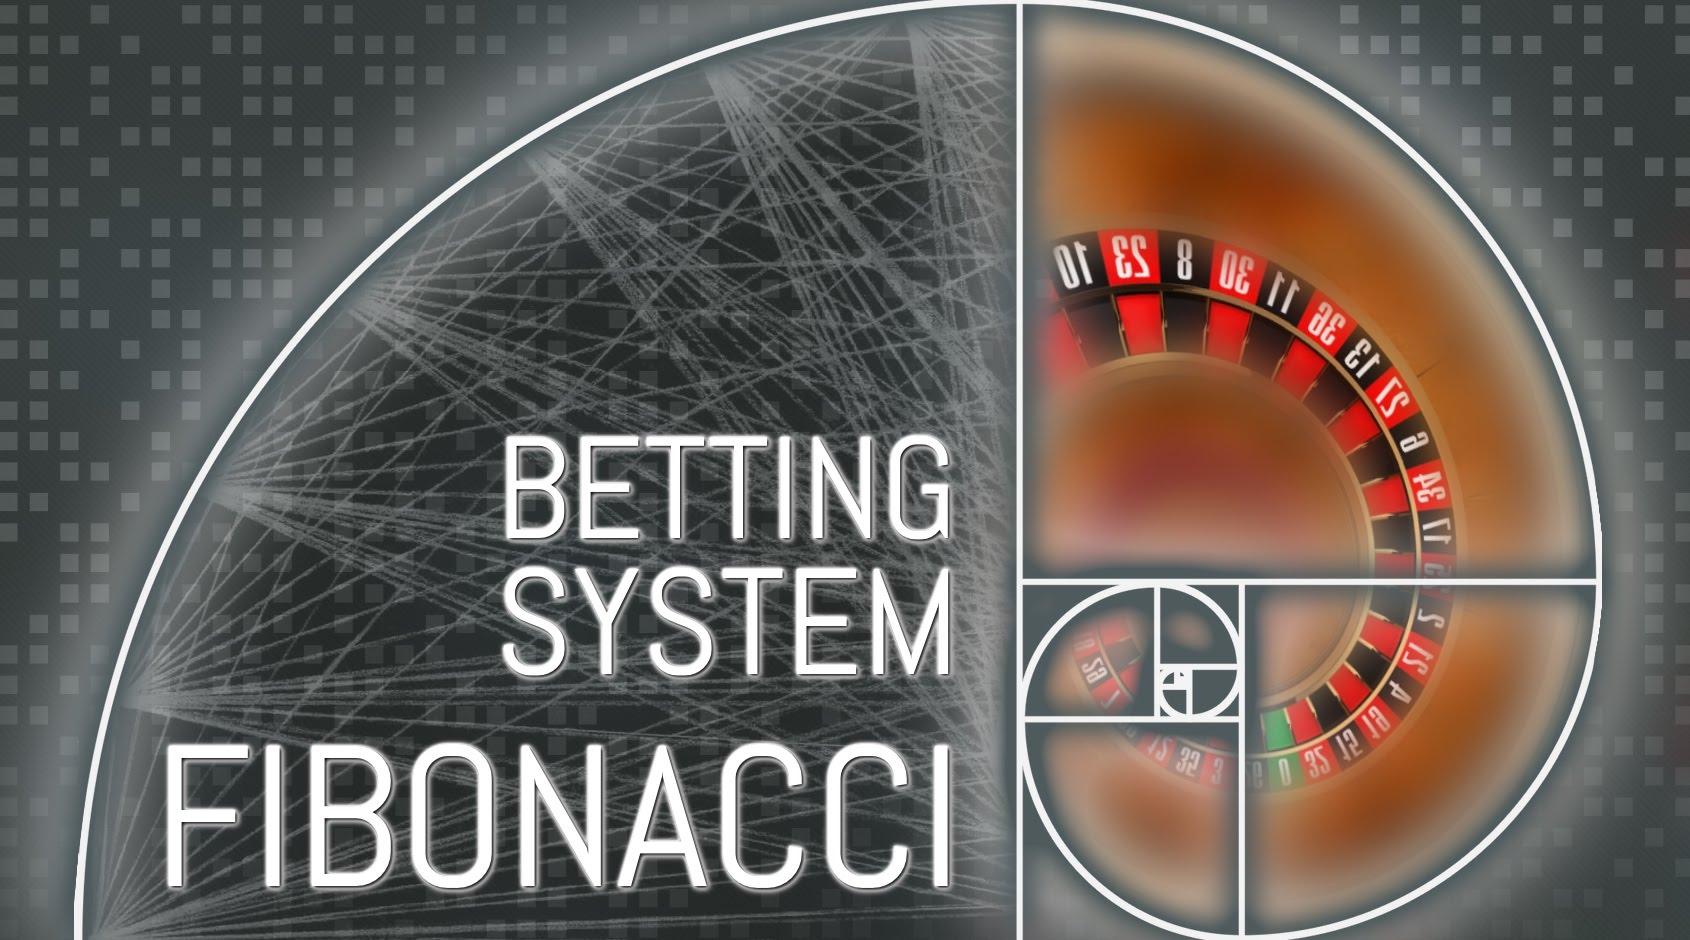 Συστημα fibonacci